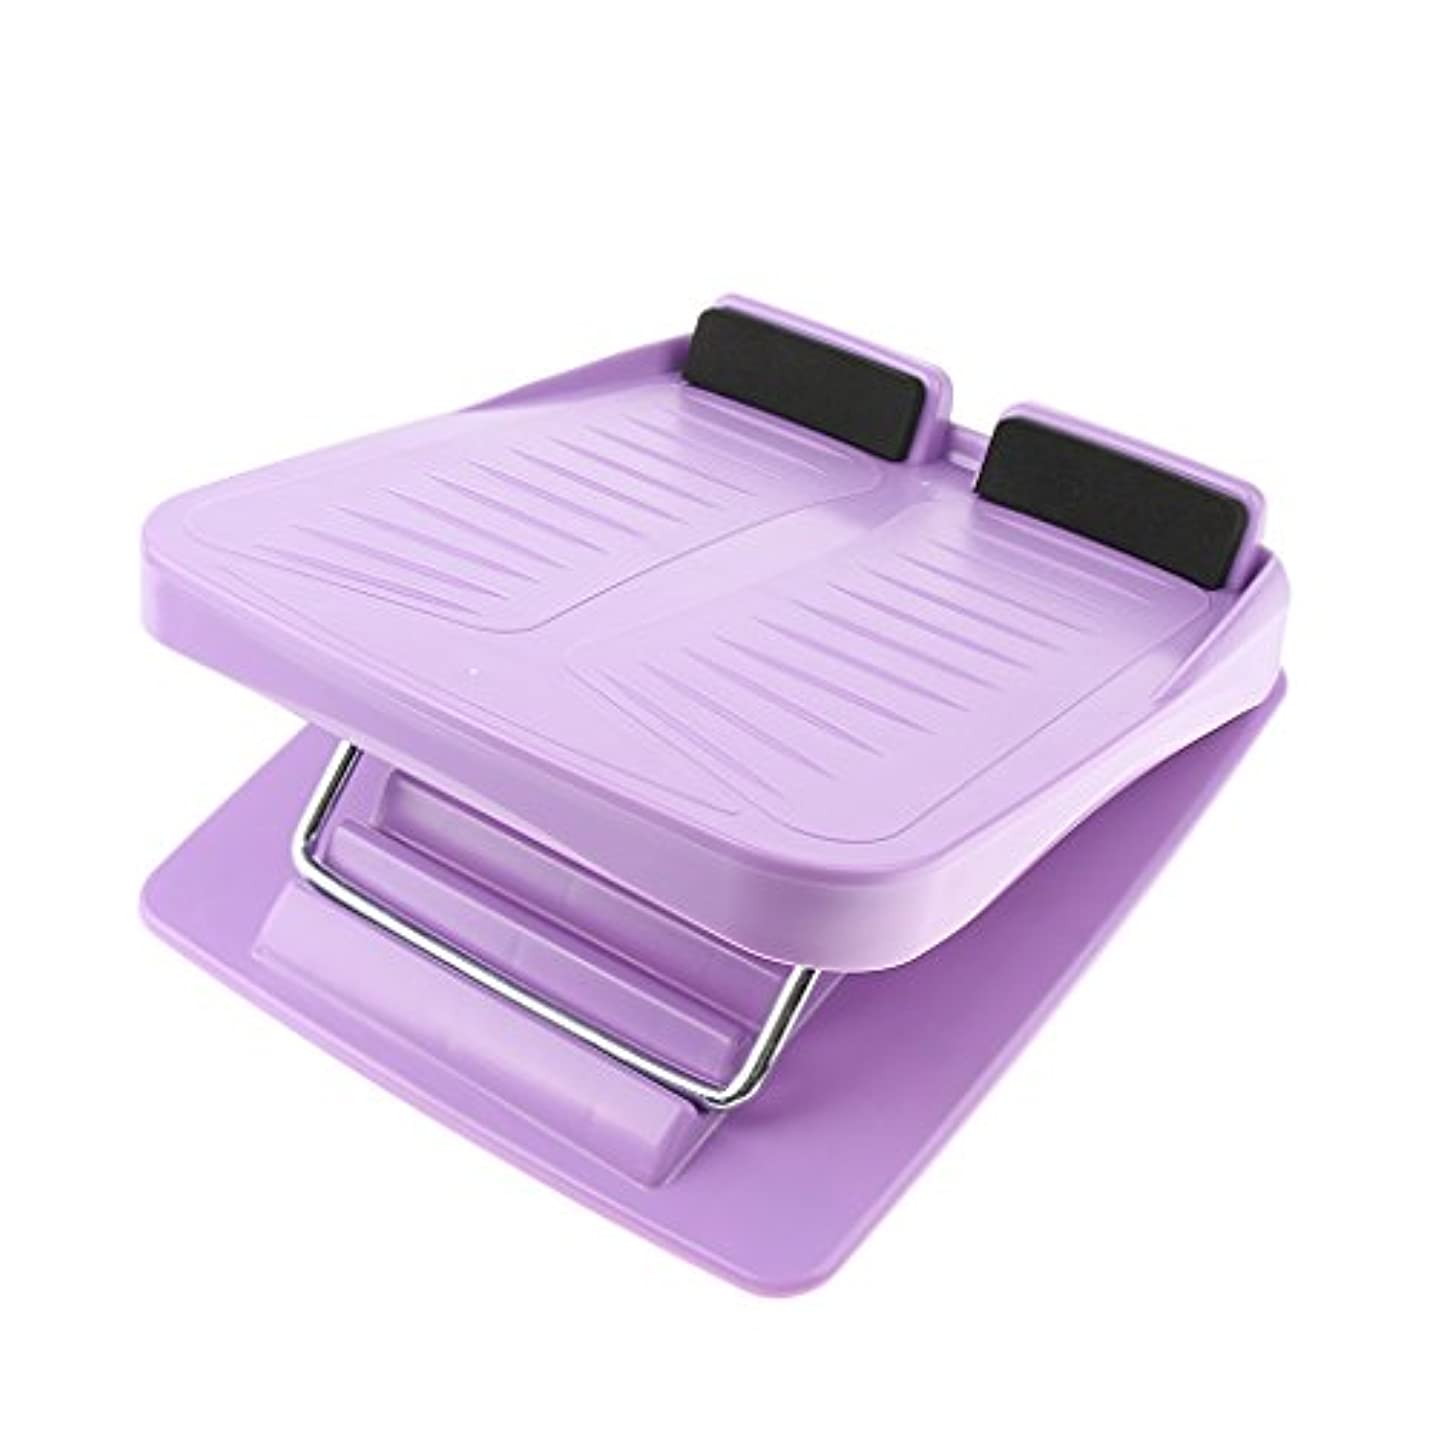 変化協定補助3色 スラントボード アンチスリップ 調整可能 カーフストレッチ 斜面ボード ウェッジストレッチャー - 紫の